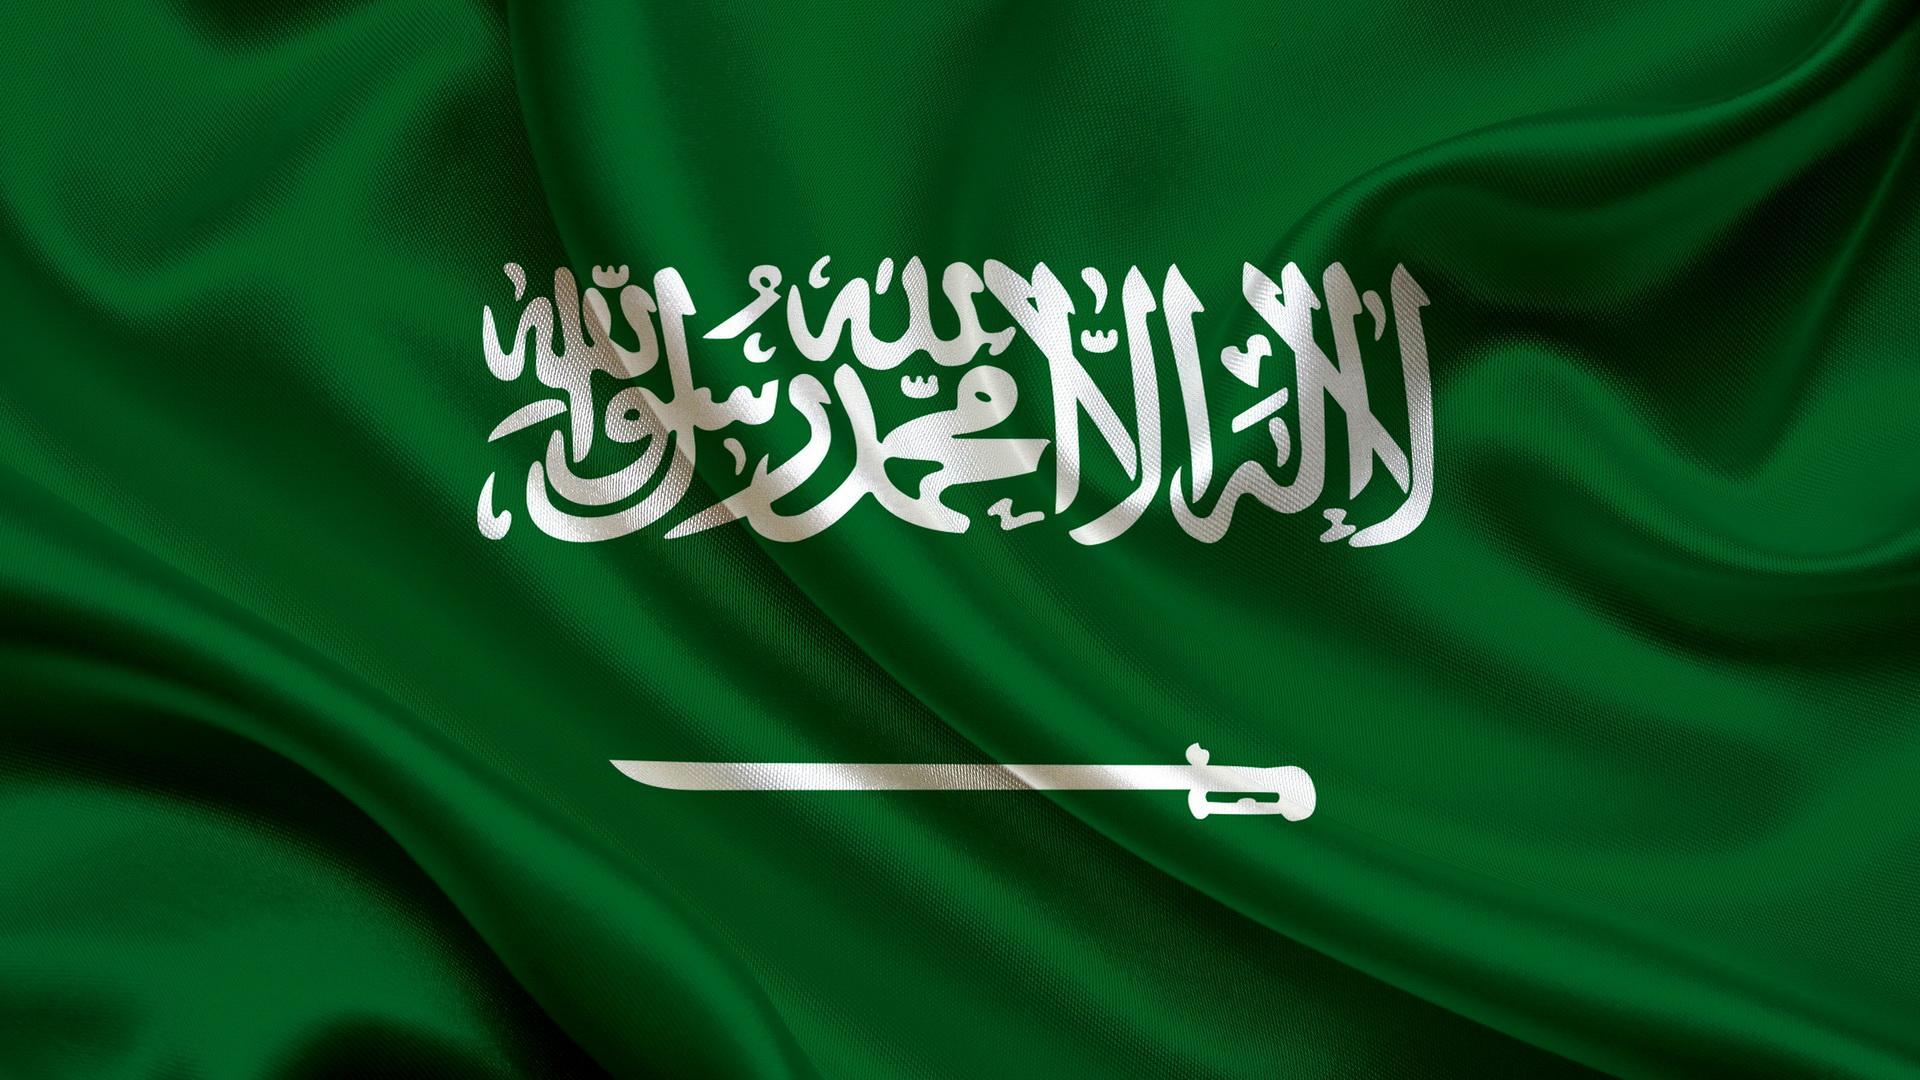 بالصور صور علم السعوديه بجودة عالية 20160628 1722